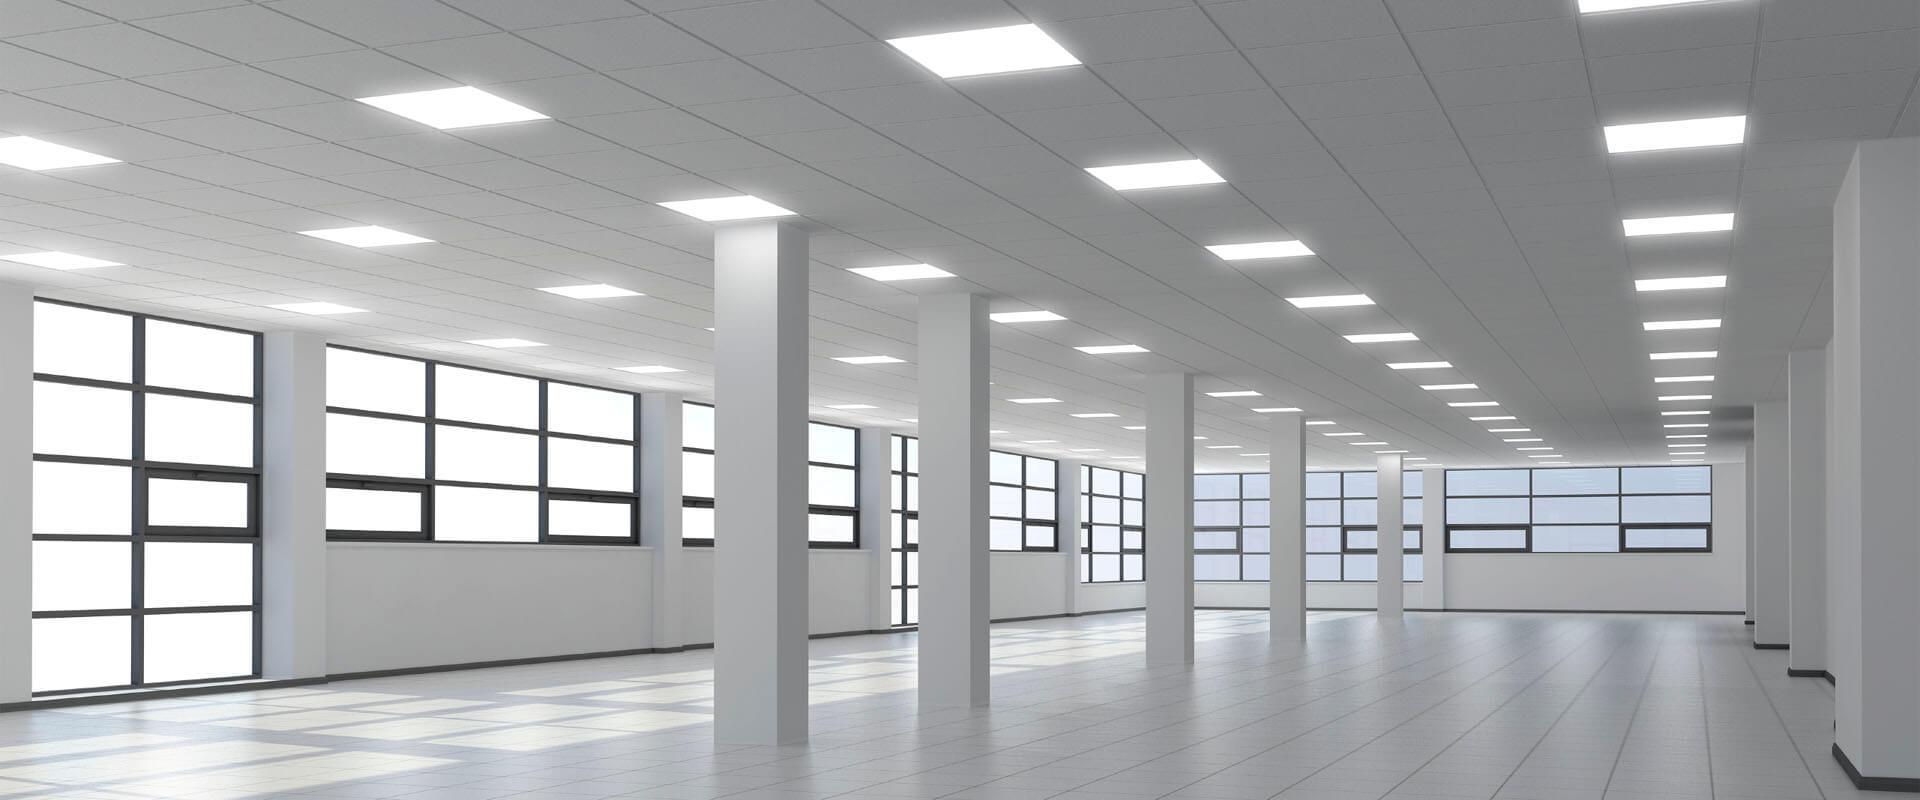 Mini LED行业迎高景气 8股获百家以上机构持仓